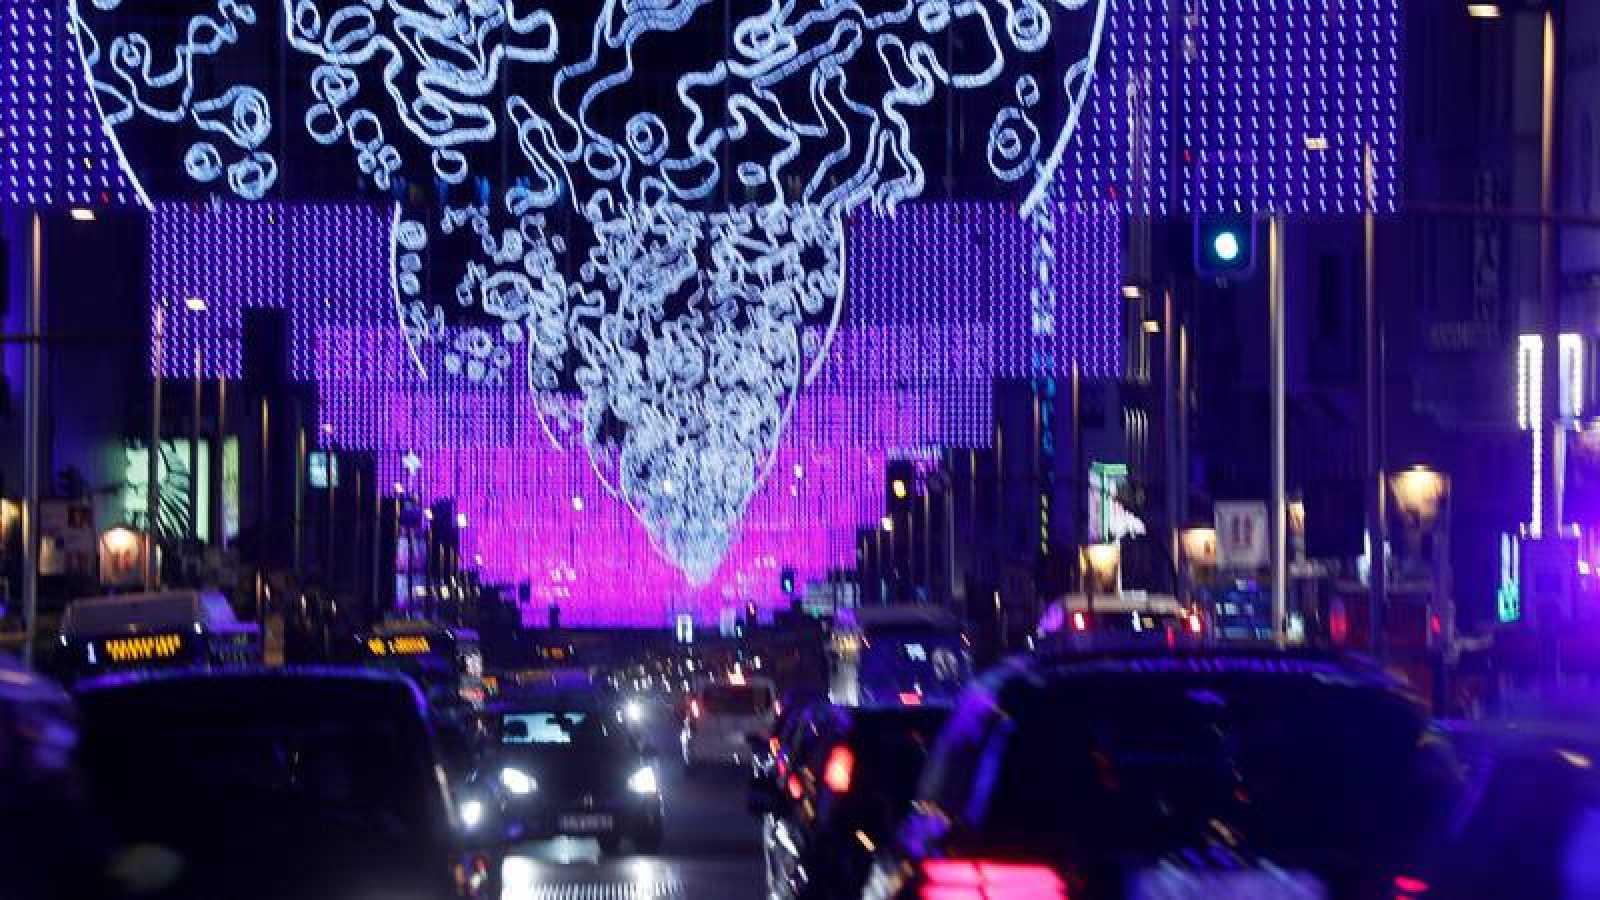 Iluminación navideña instalada en la Gran Vía de Madrid